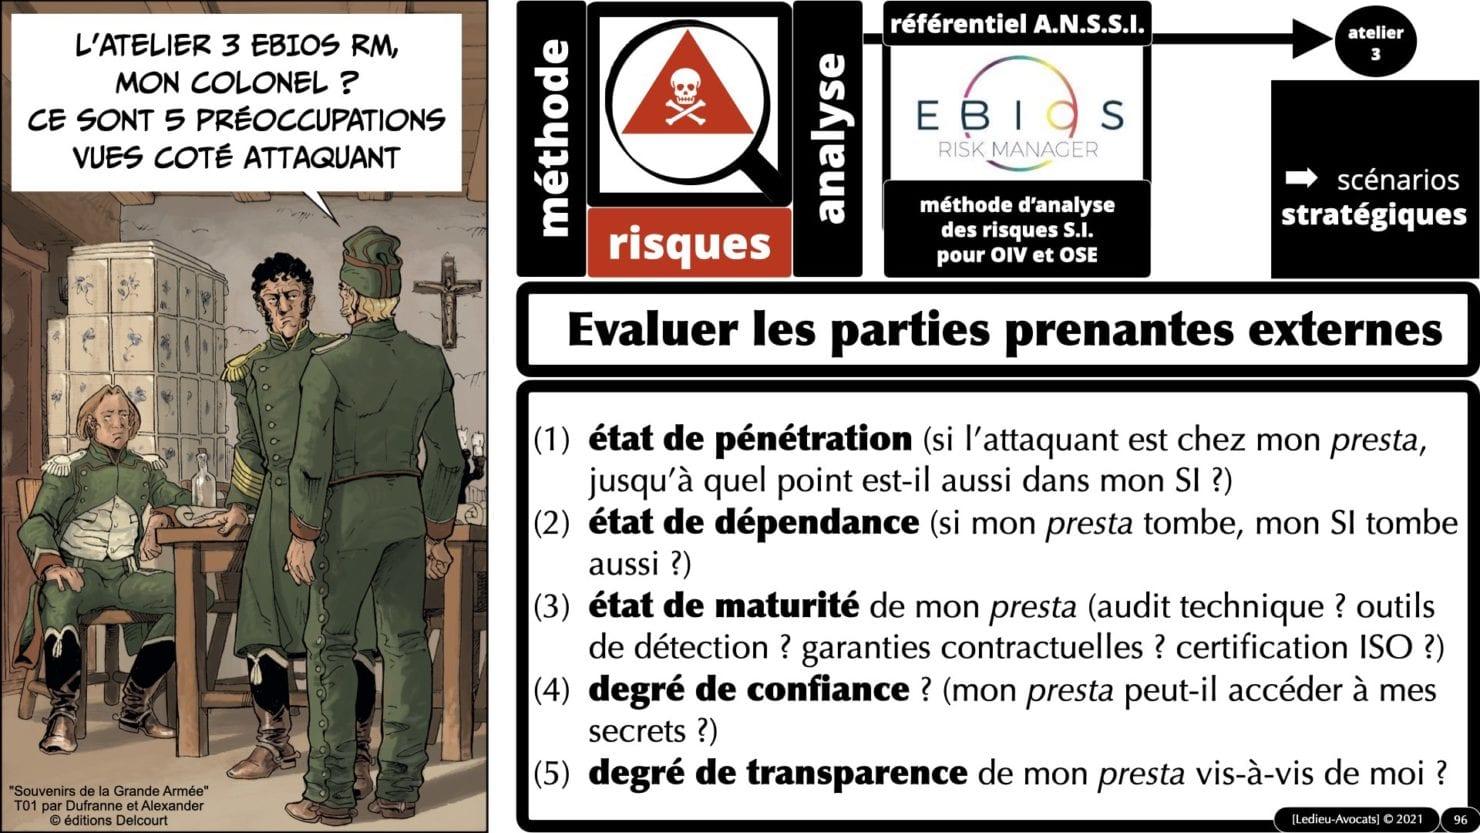 342 cyber sécurité #2 OIV OSE analyse risque EBIOS RM © Ledieu-avocat 15-07-2021.096